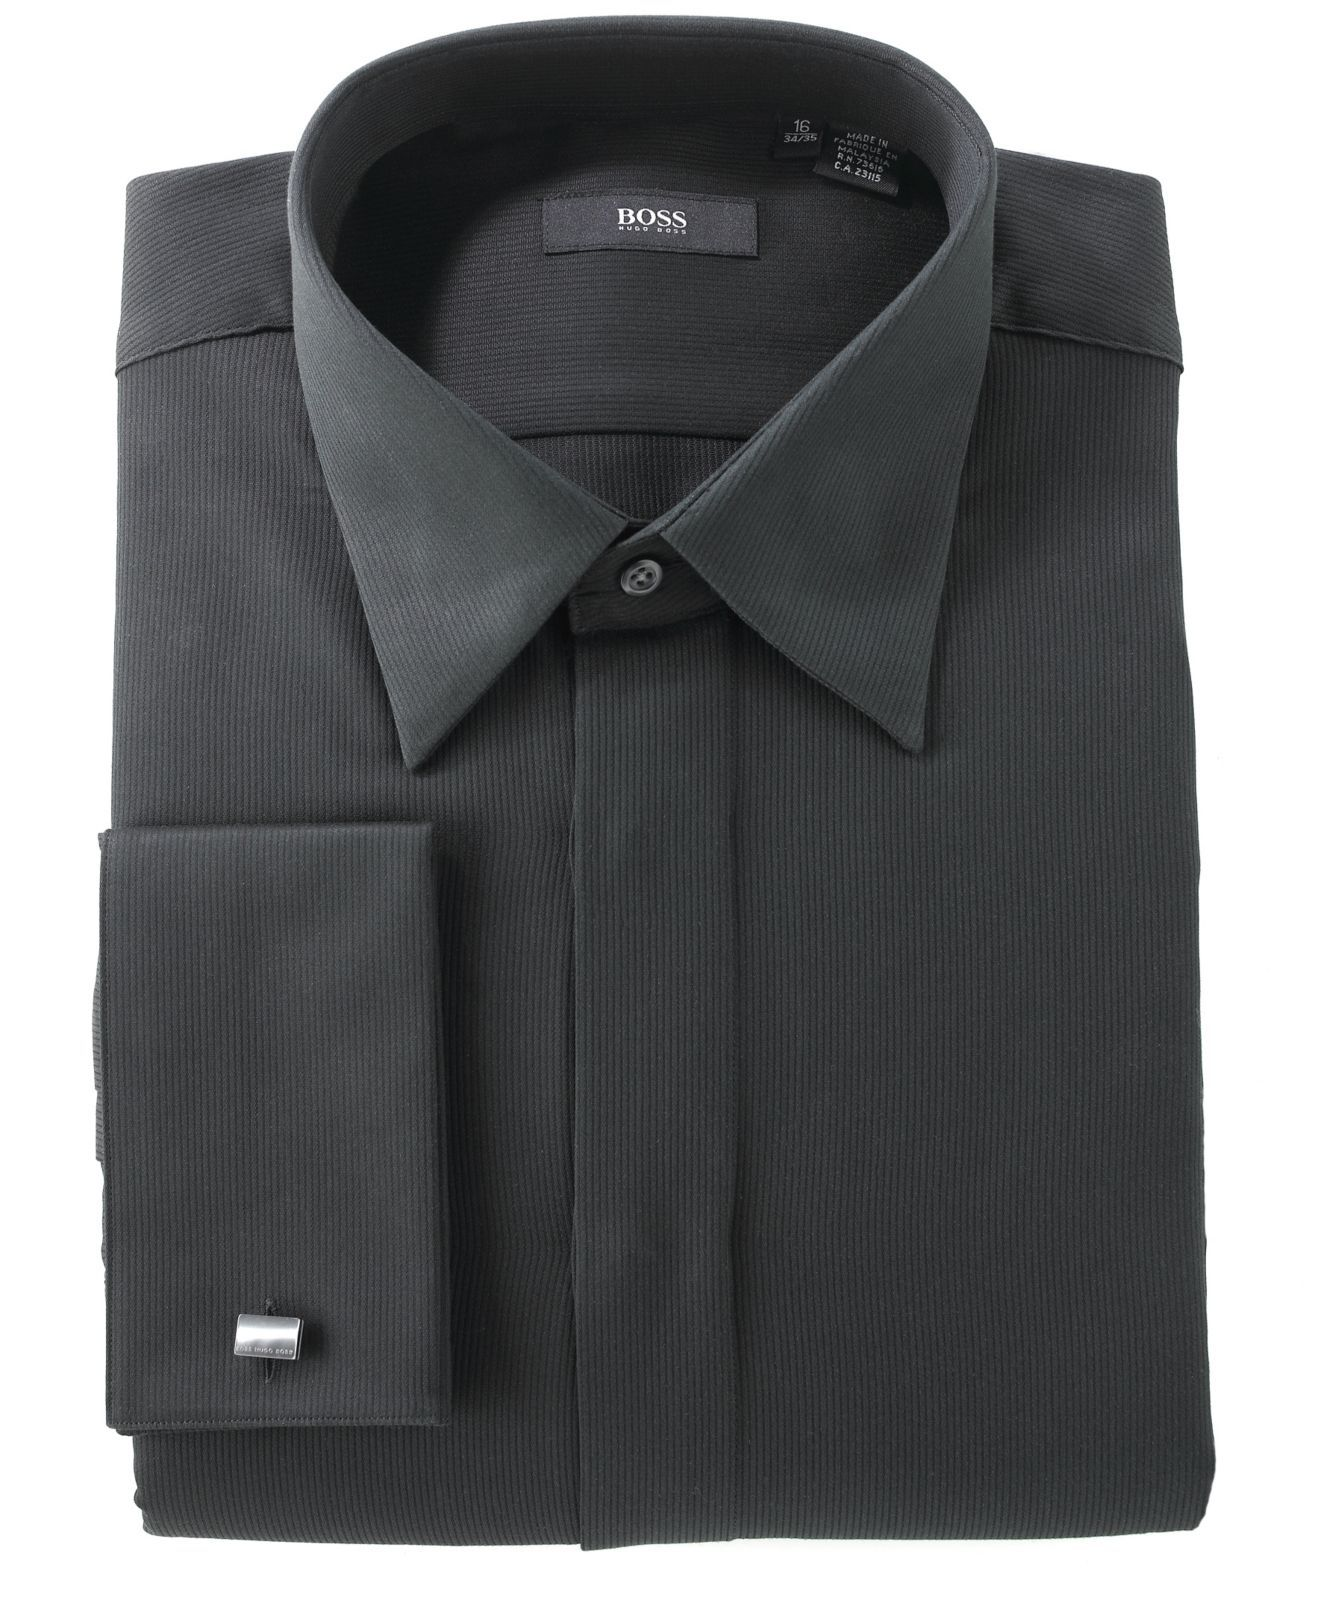 38+ Hugo boss dress shirts info